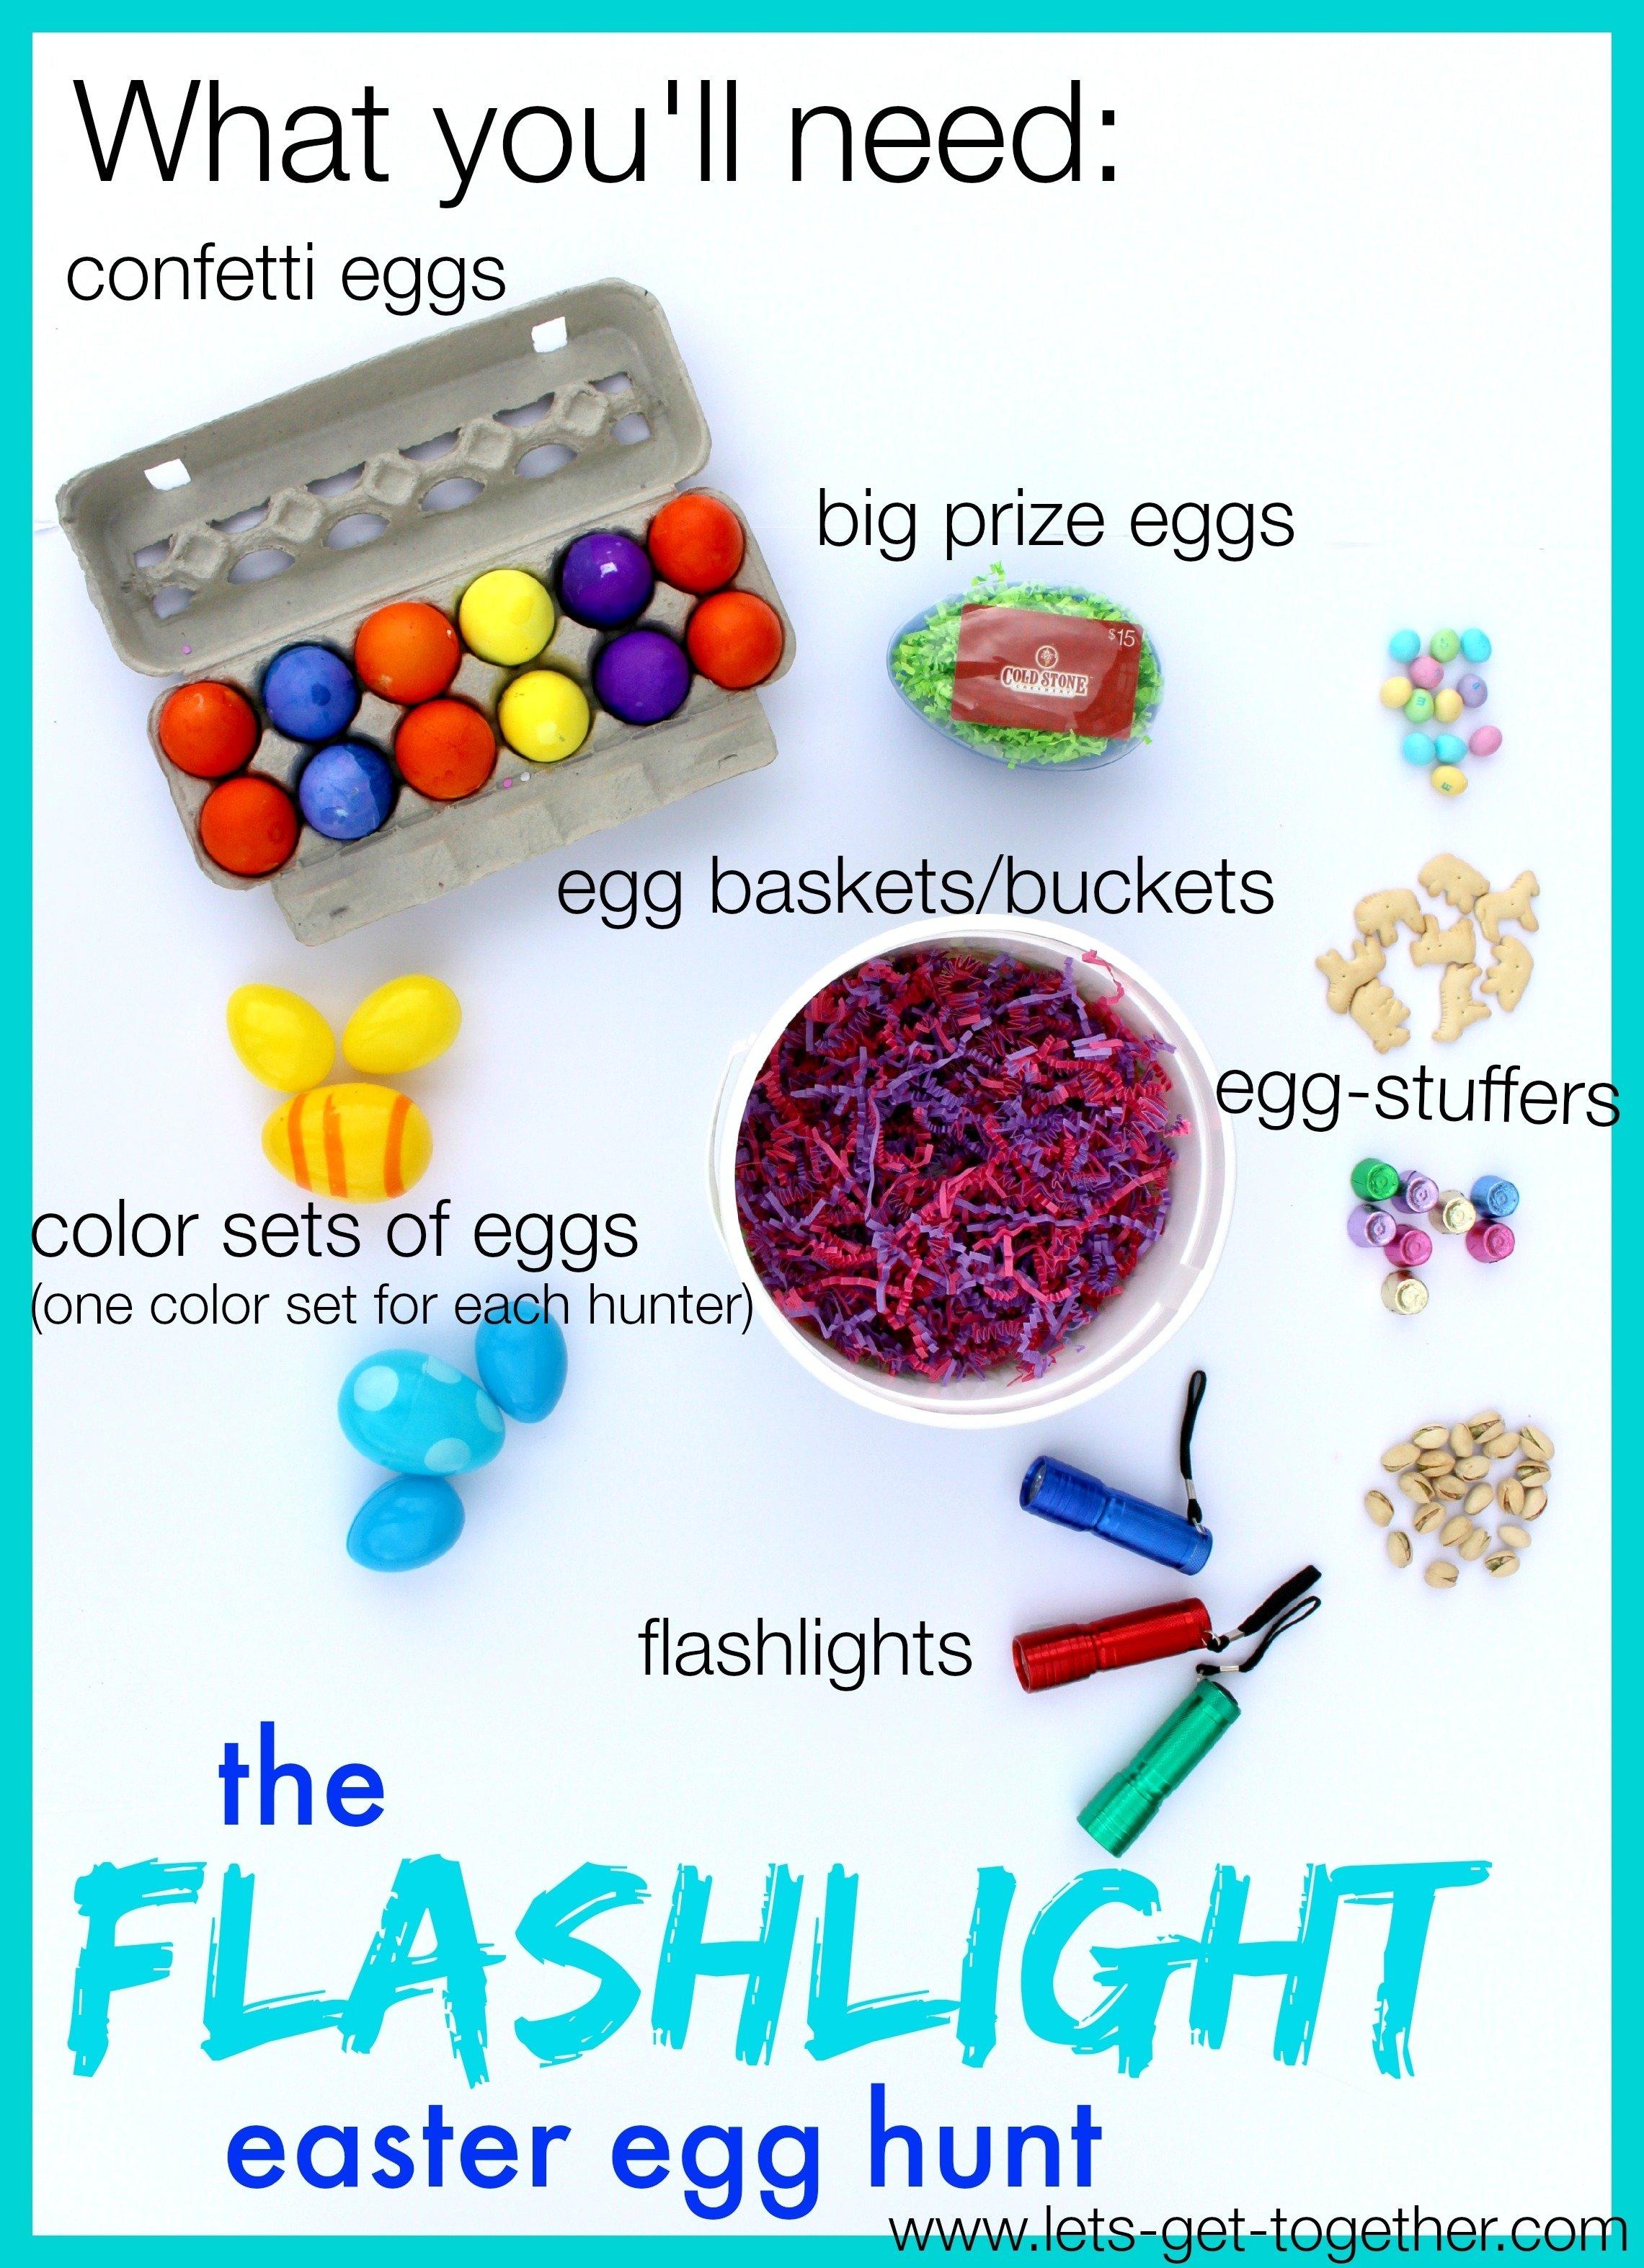 10 Pretty Ideas For Easter Egg Hunt the flashlight easter egg hunt 2021